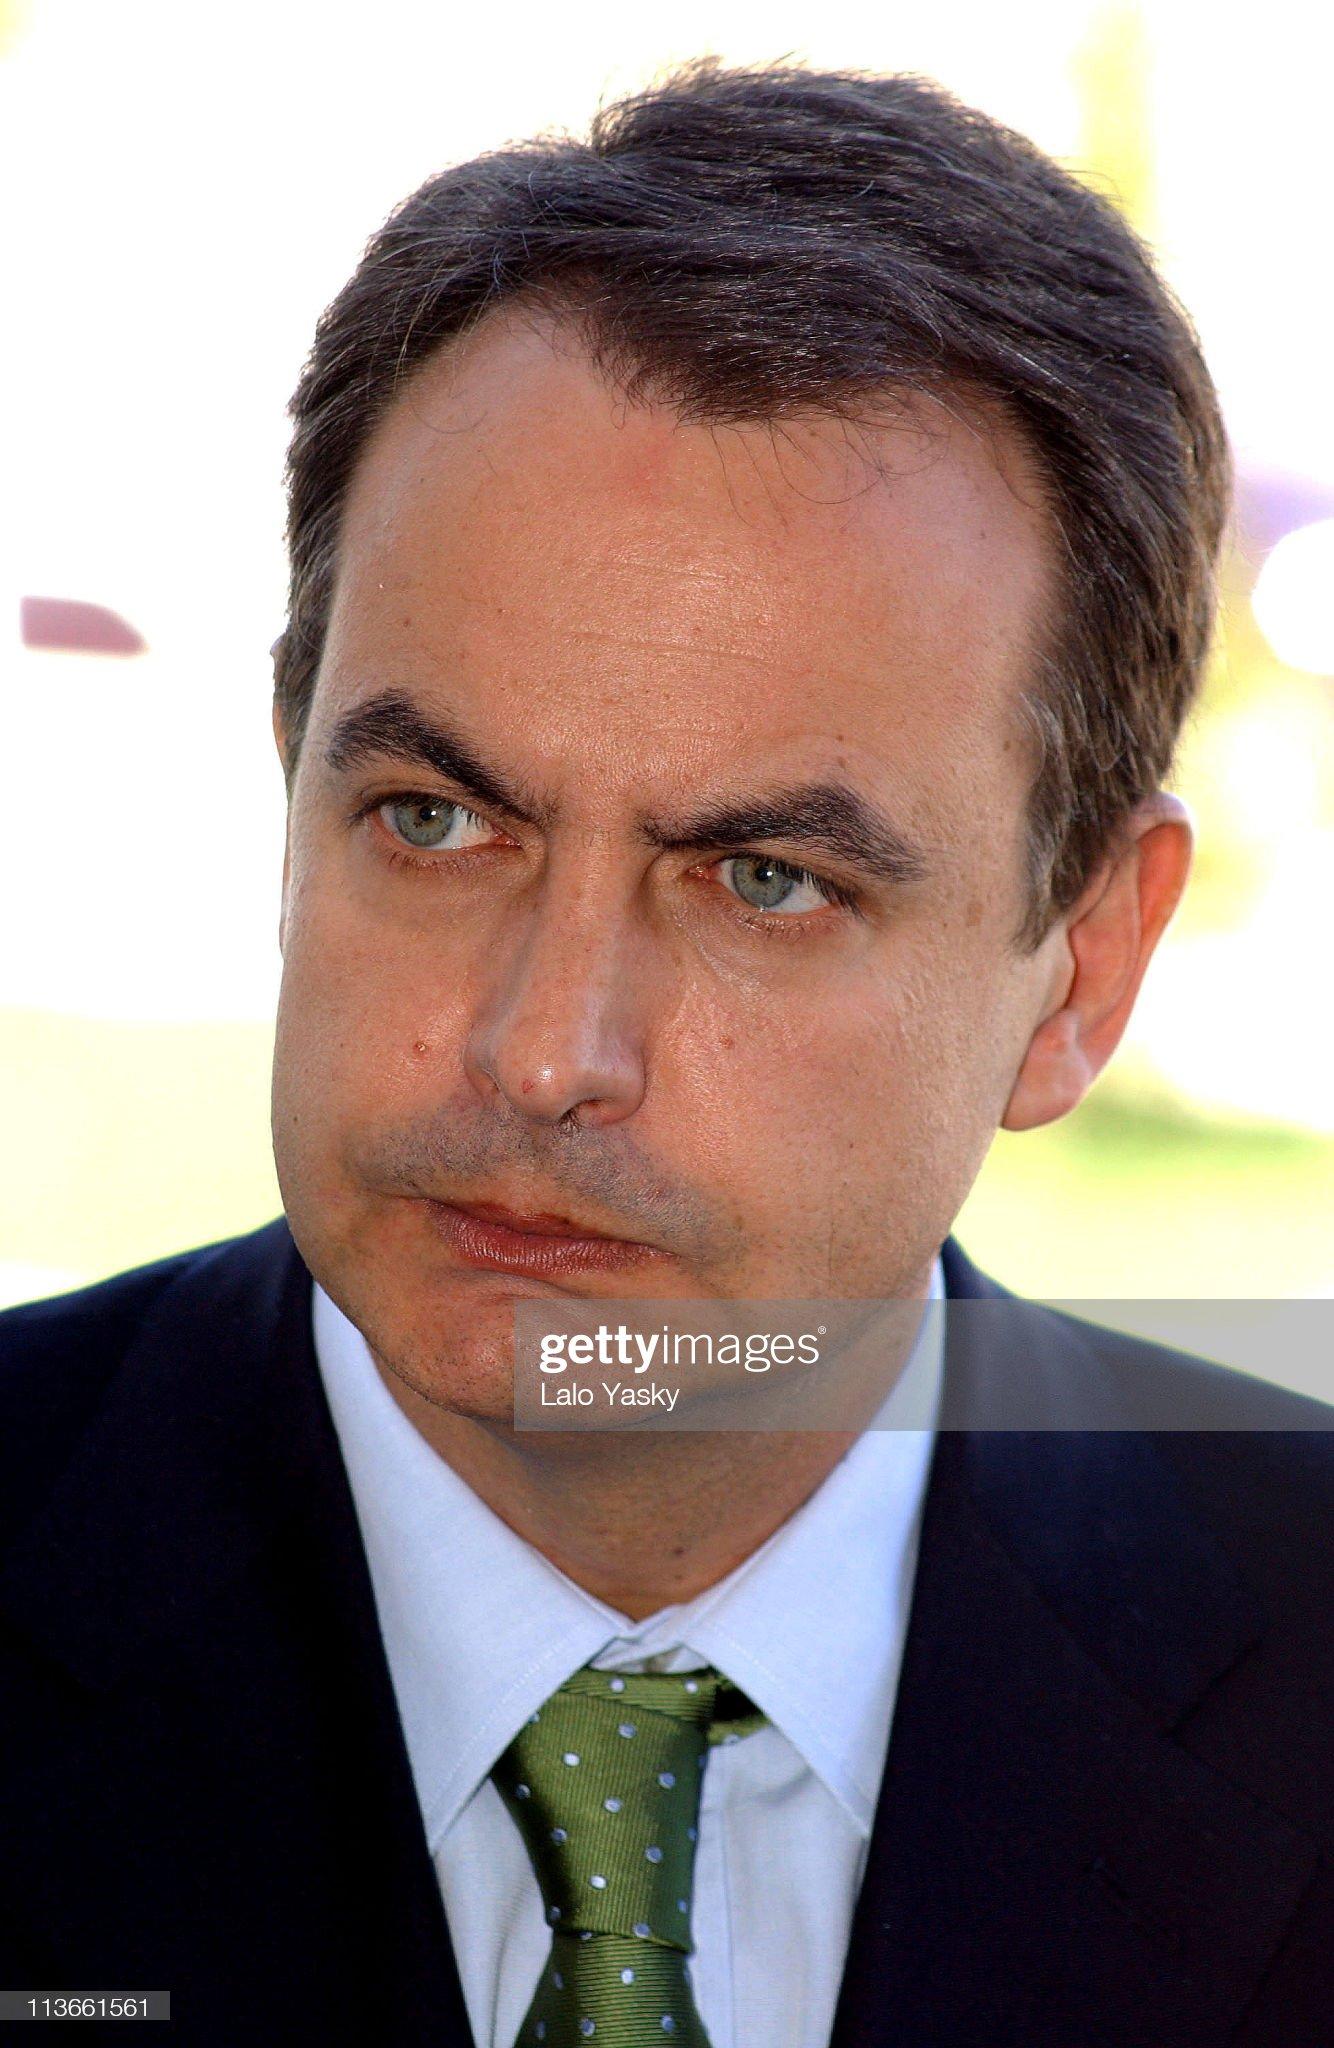 COLOR DE OJOS (clasificación y debate de personas famosas) - Página 8 Socialist-party-psoe-leader-jose-luis-rodriguez-zapatero-picture-id113661561?s=2048x2048